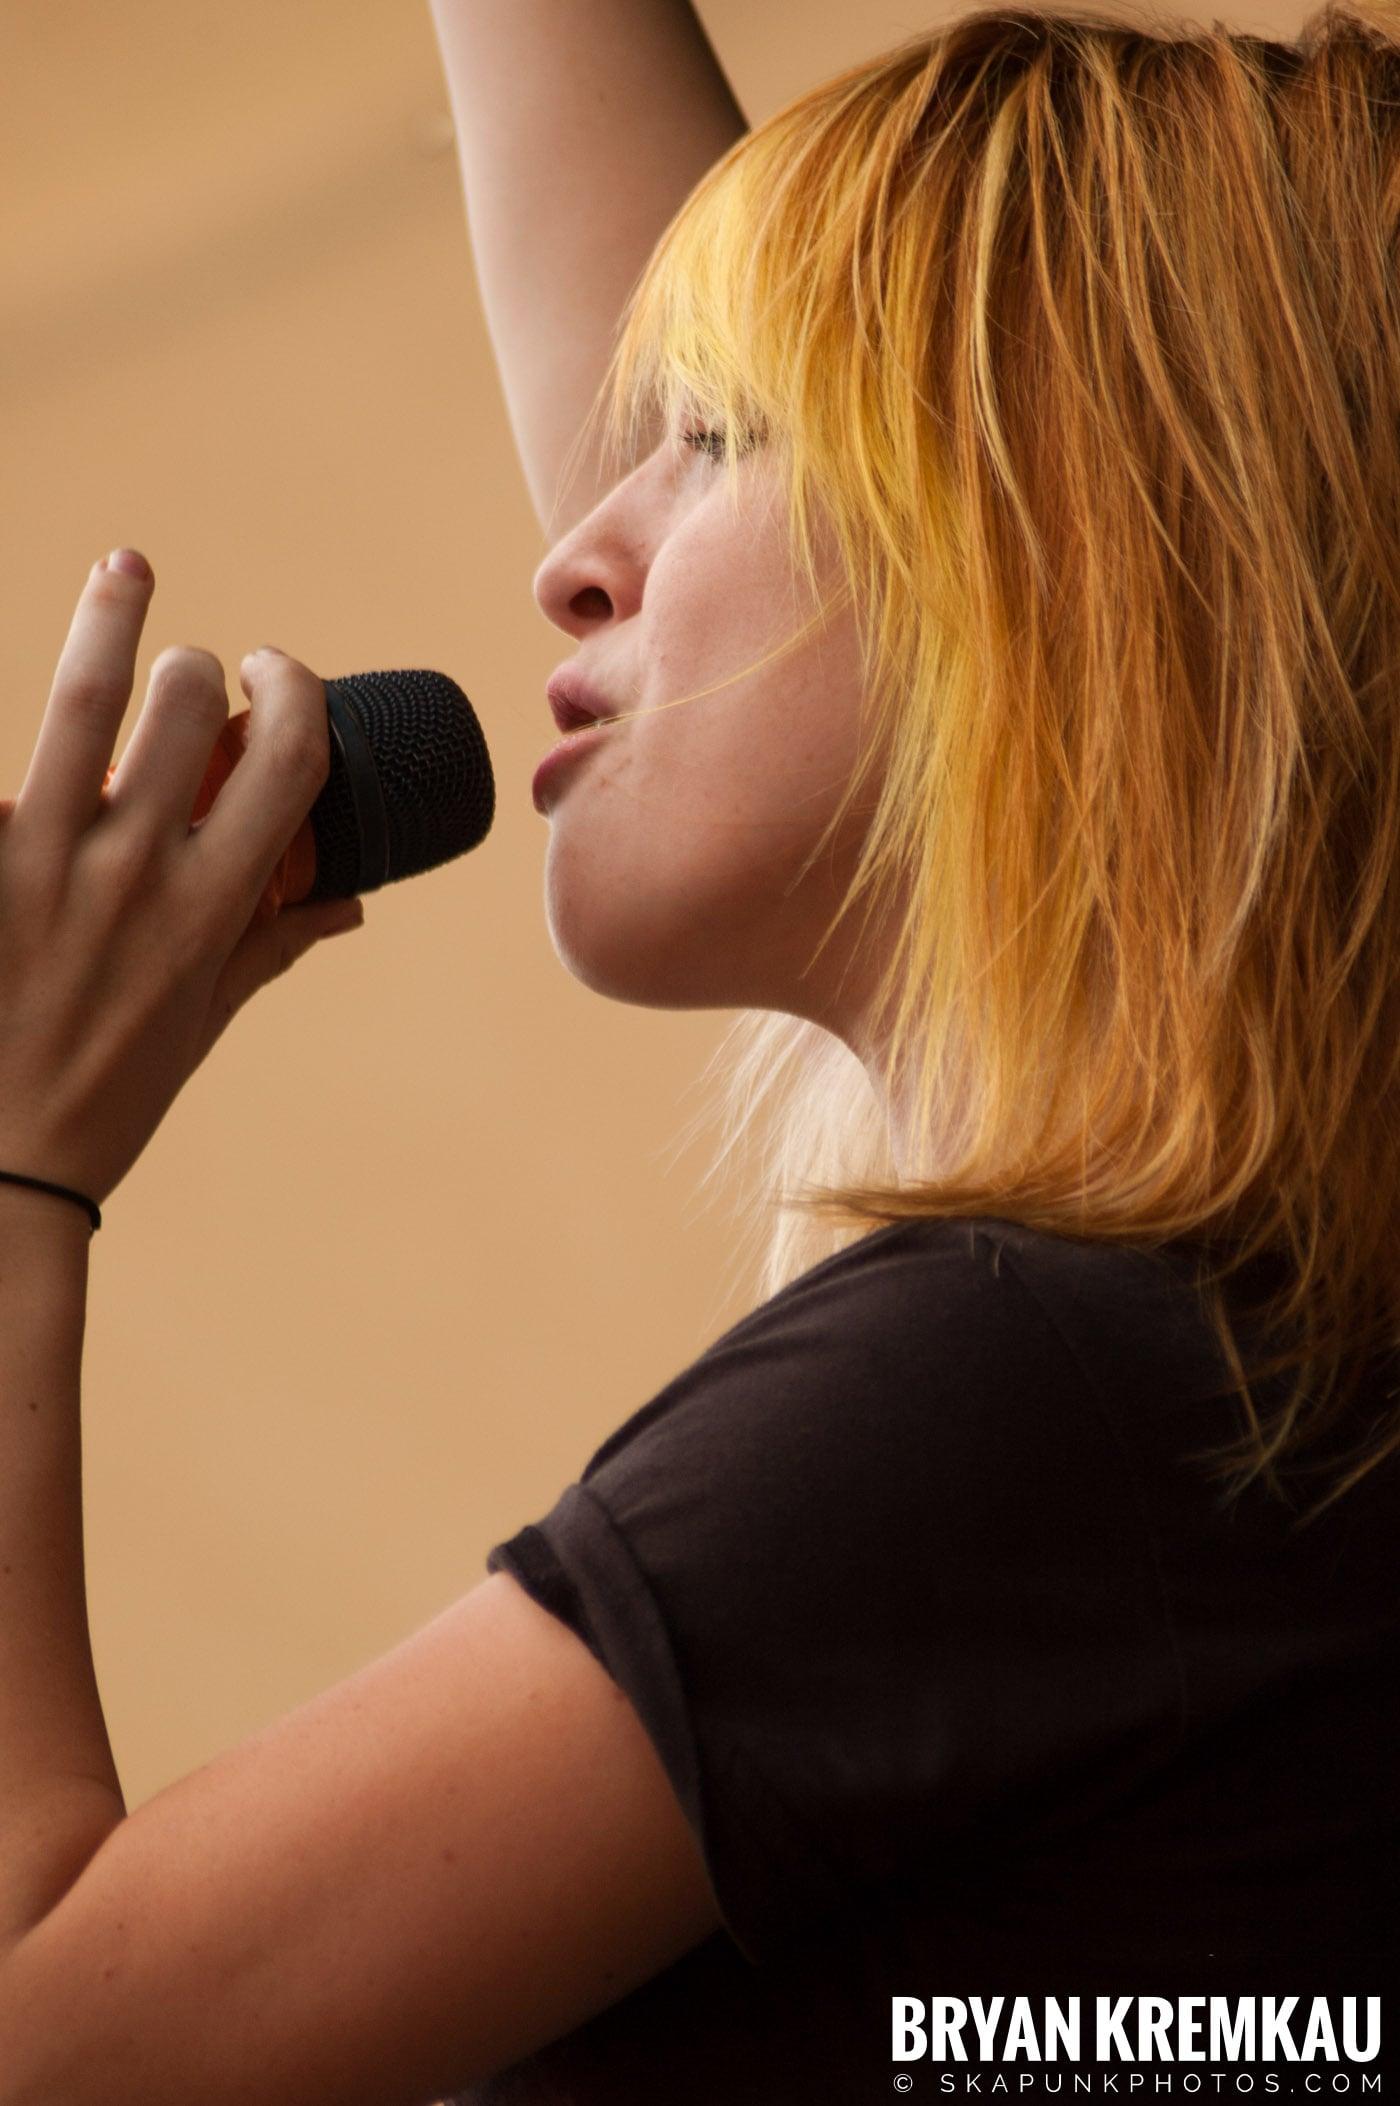 Paramore @ Warped Tour 2007, Scranton PA - 7.26.07 (7)